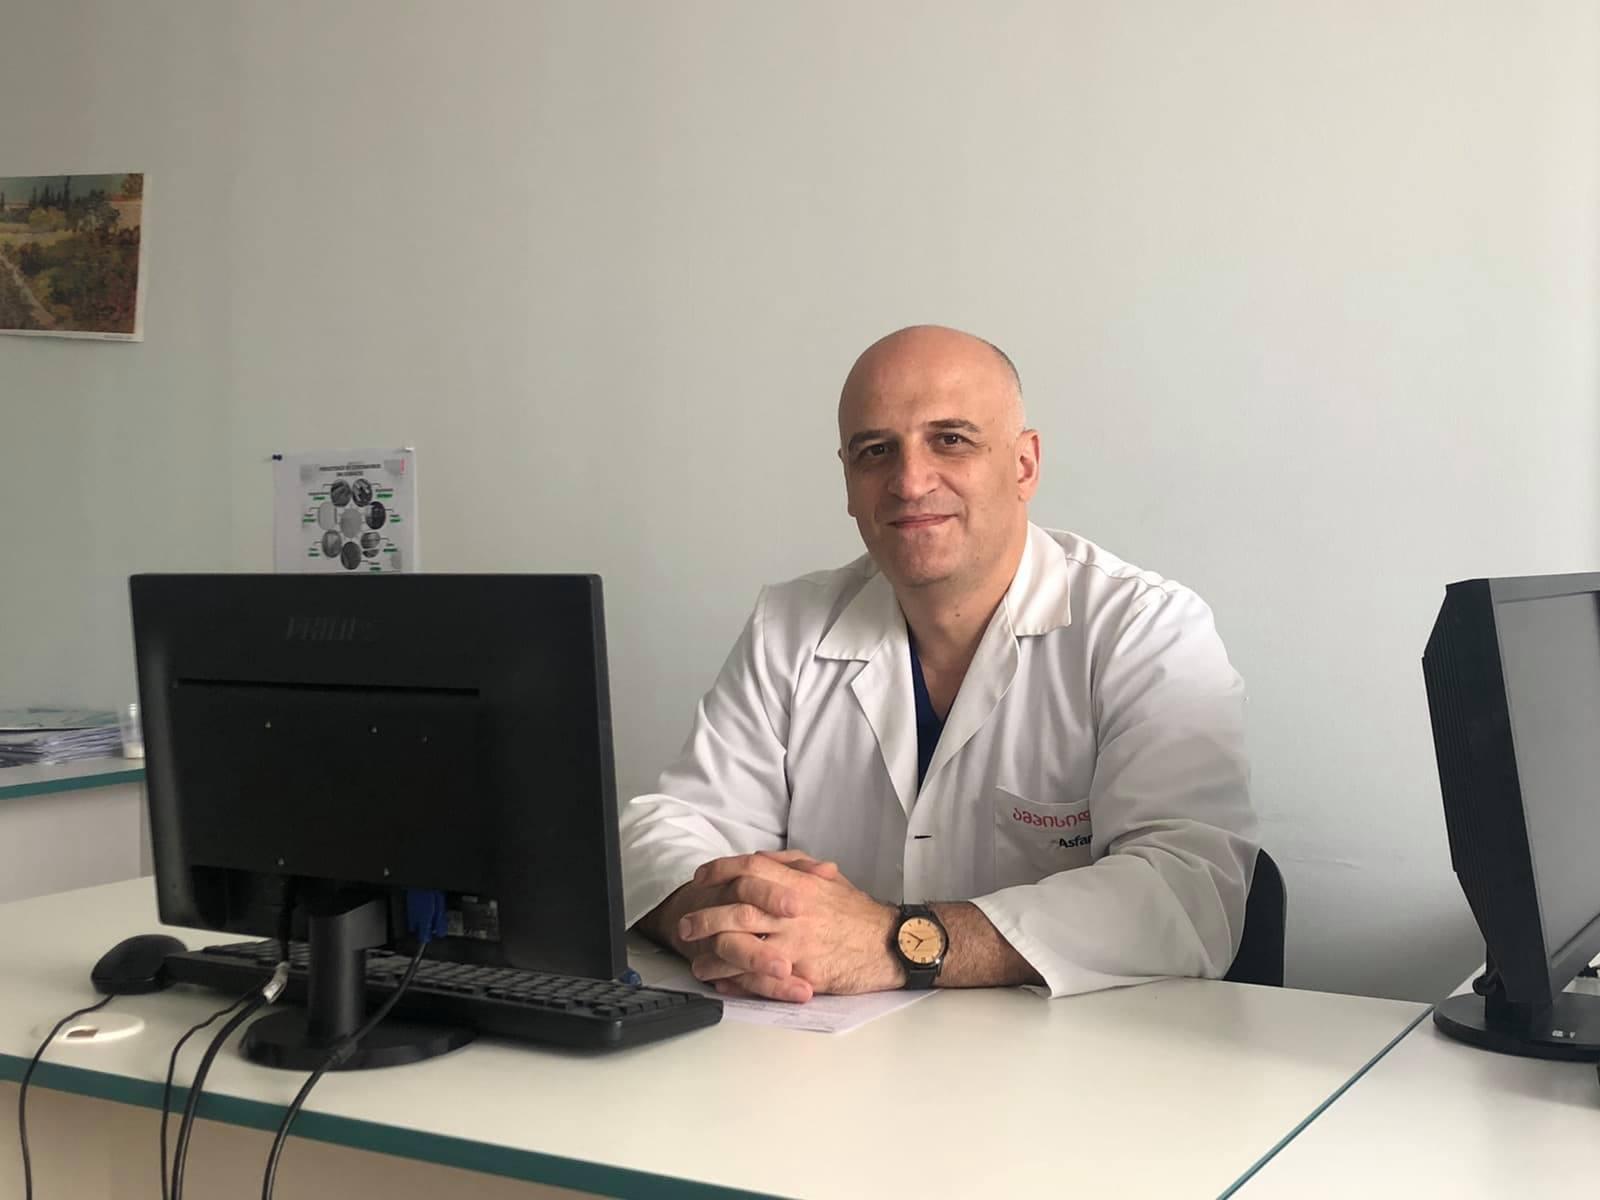 qirurgi Zurab Khetsuriani